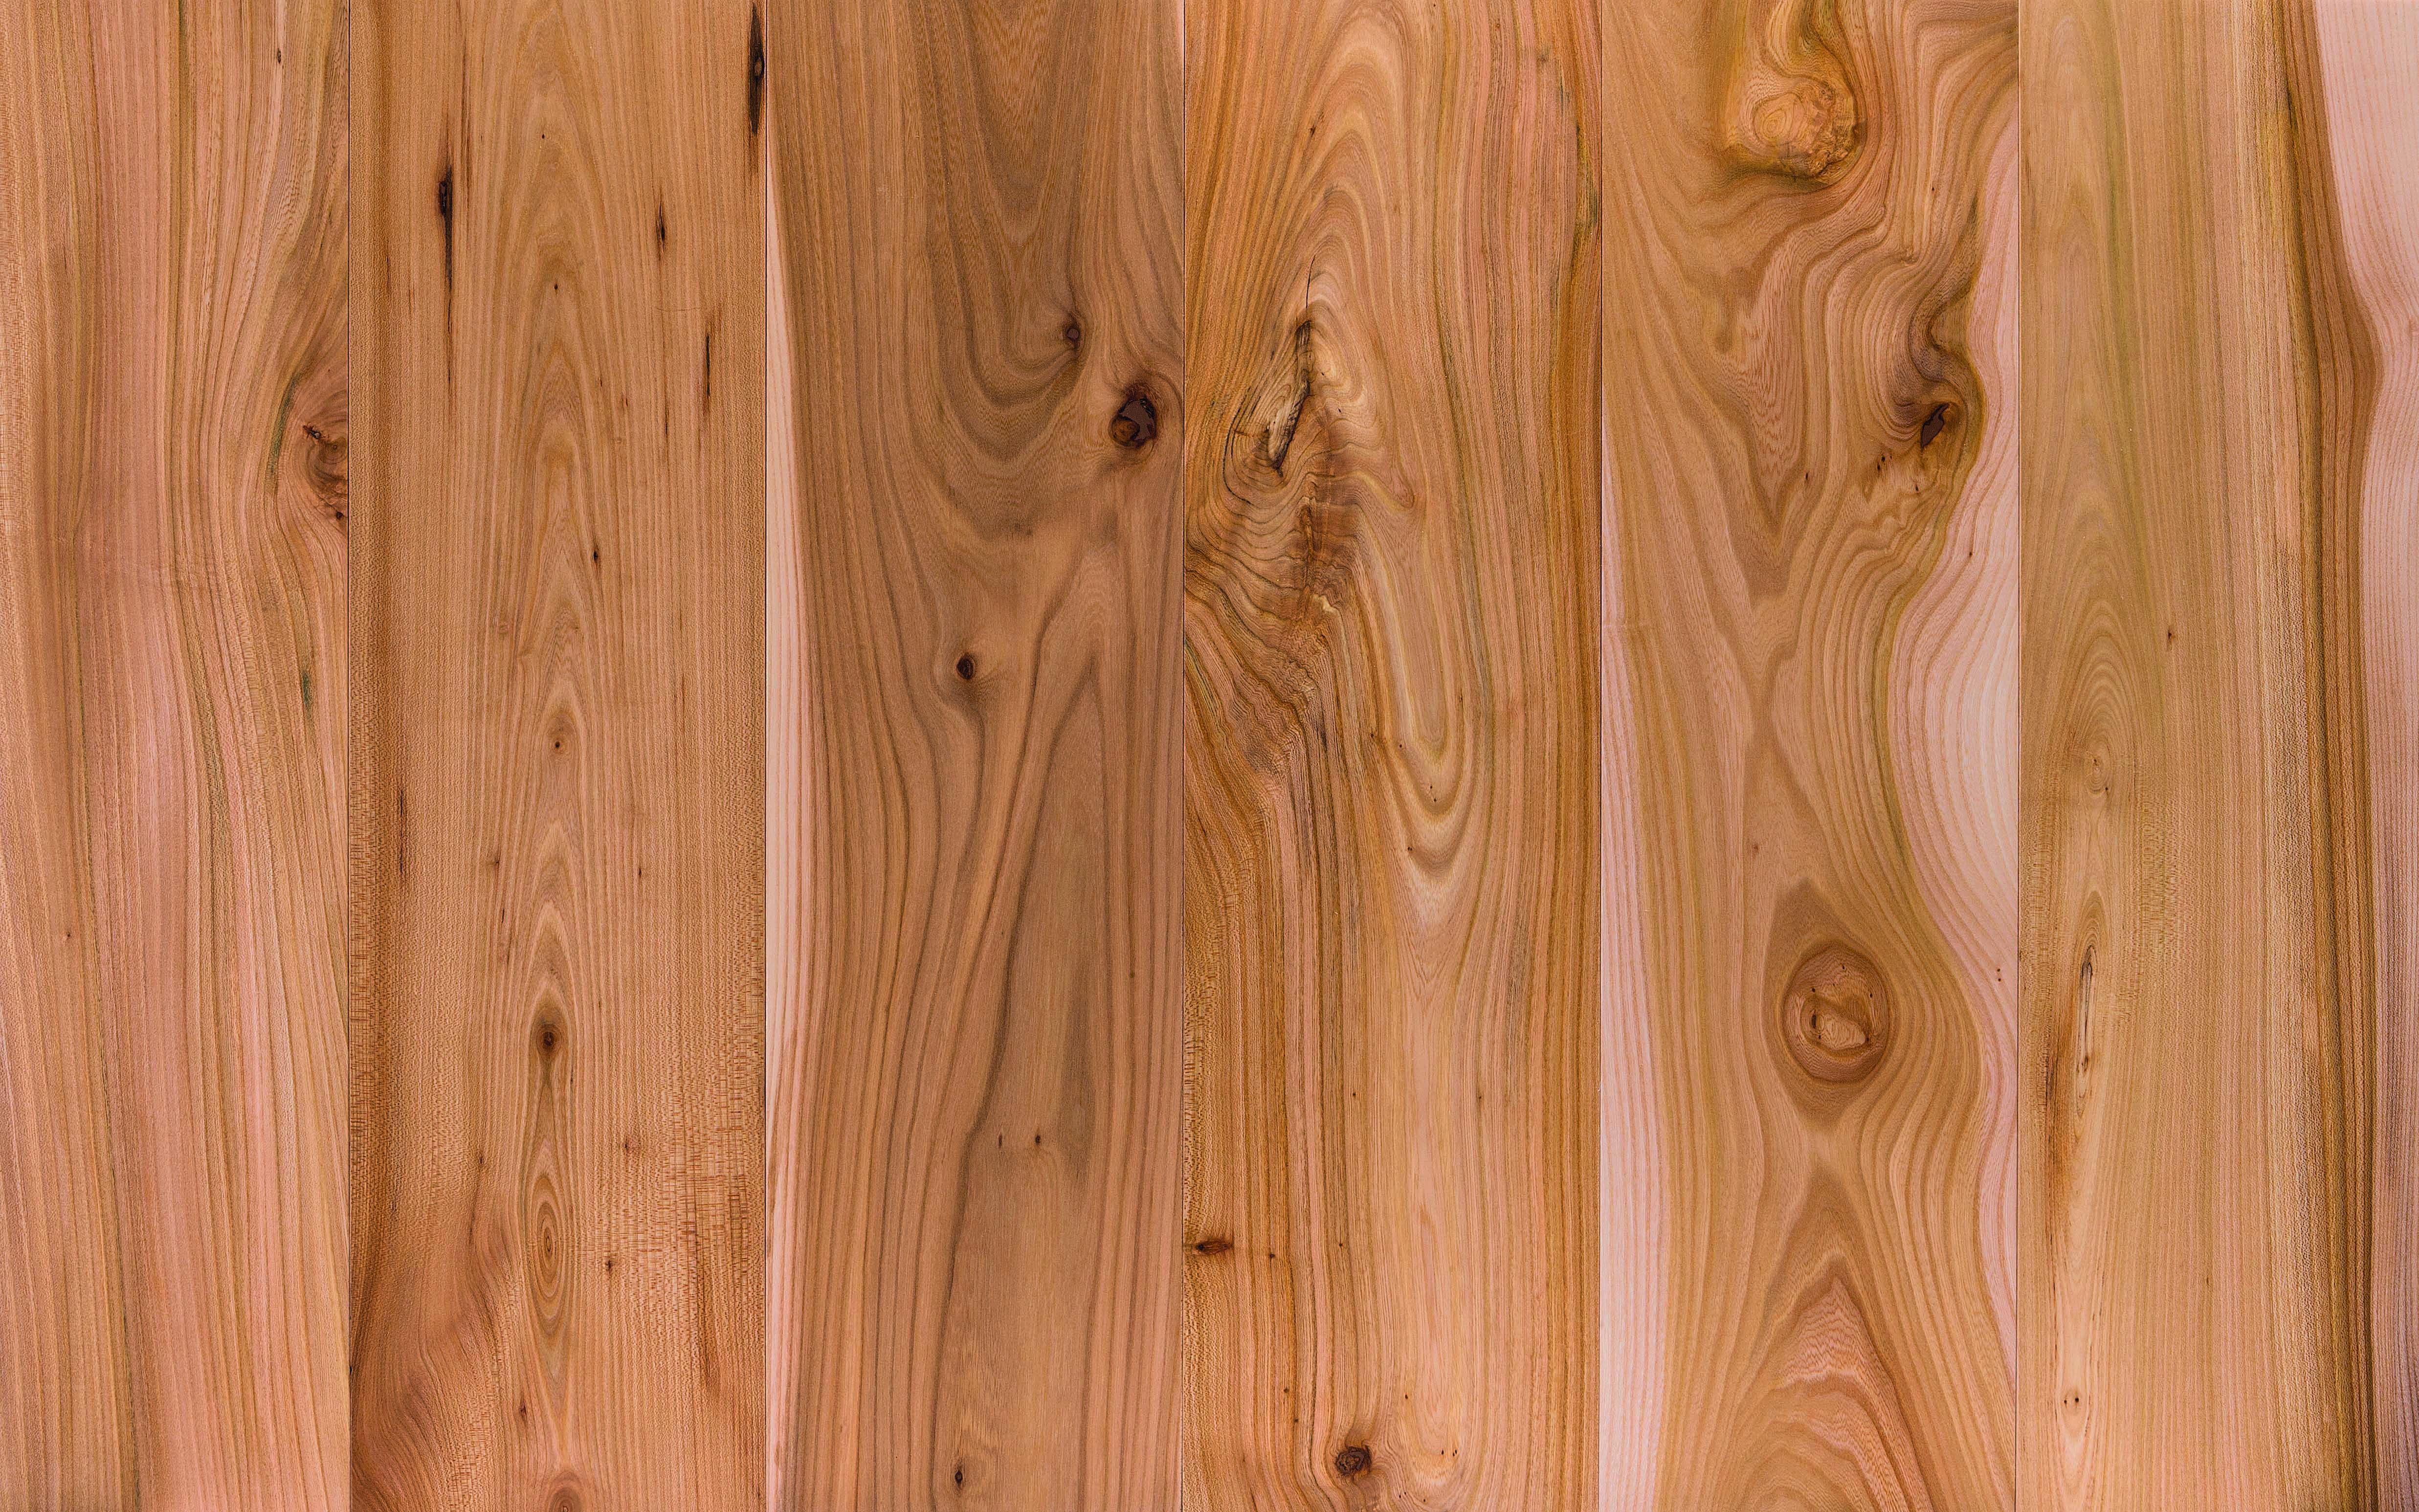 Olmo europeo merelli legno - Arredare casa con parquet ...